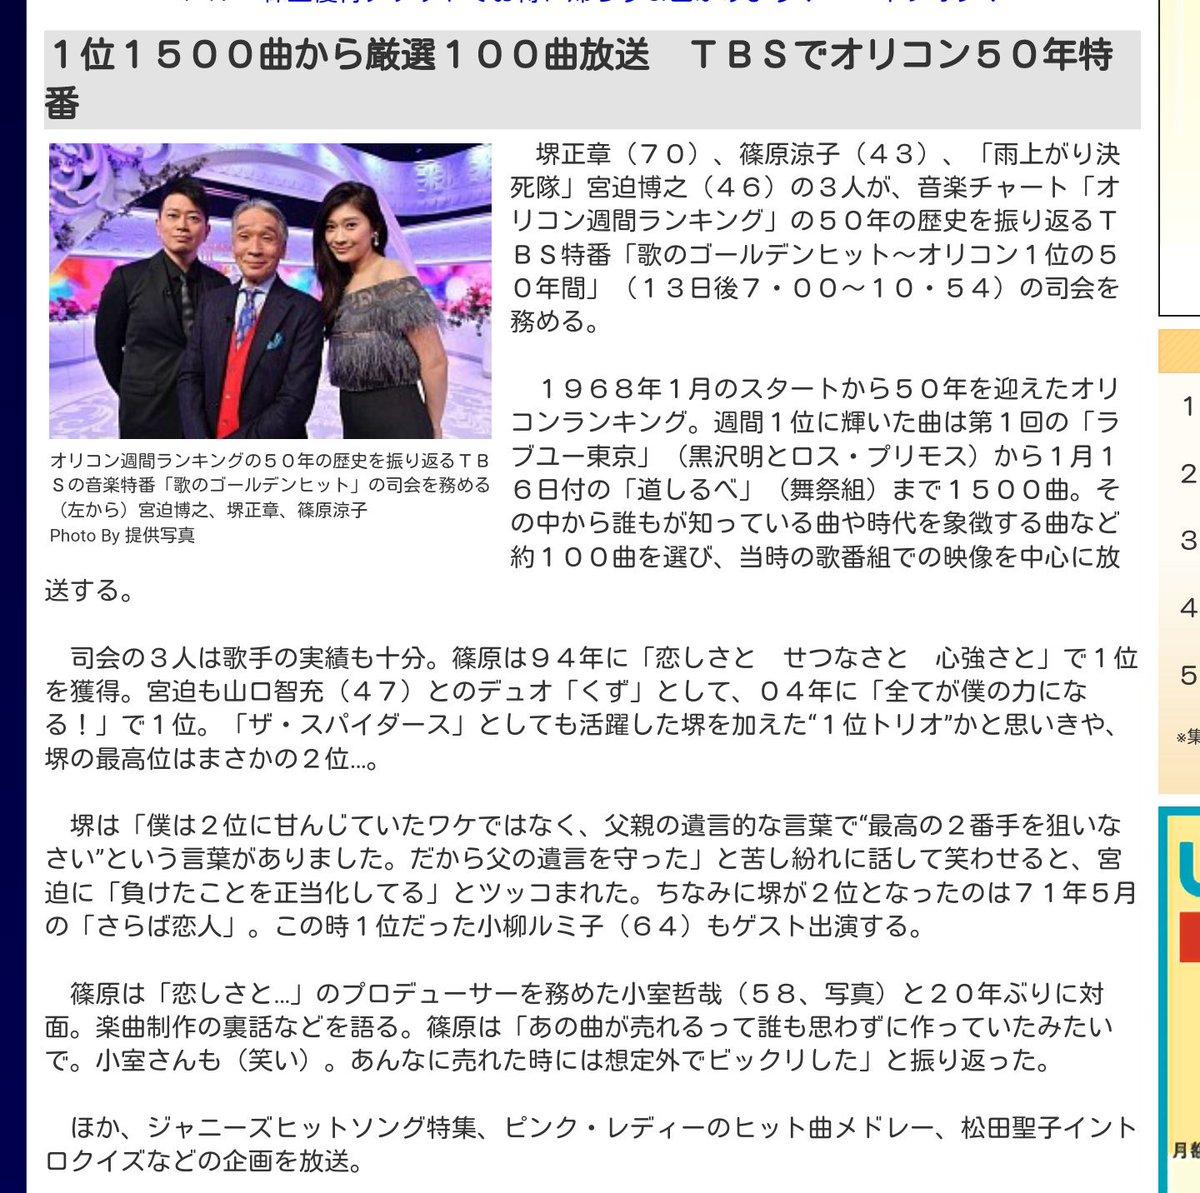 2/13(月)19:00~20:54放送 TBS『歌のゴールデンヒット~オリコン1位の50年間~』 …